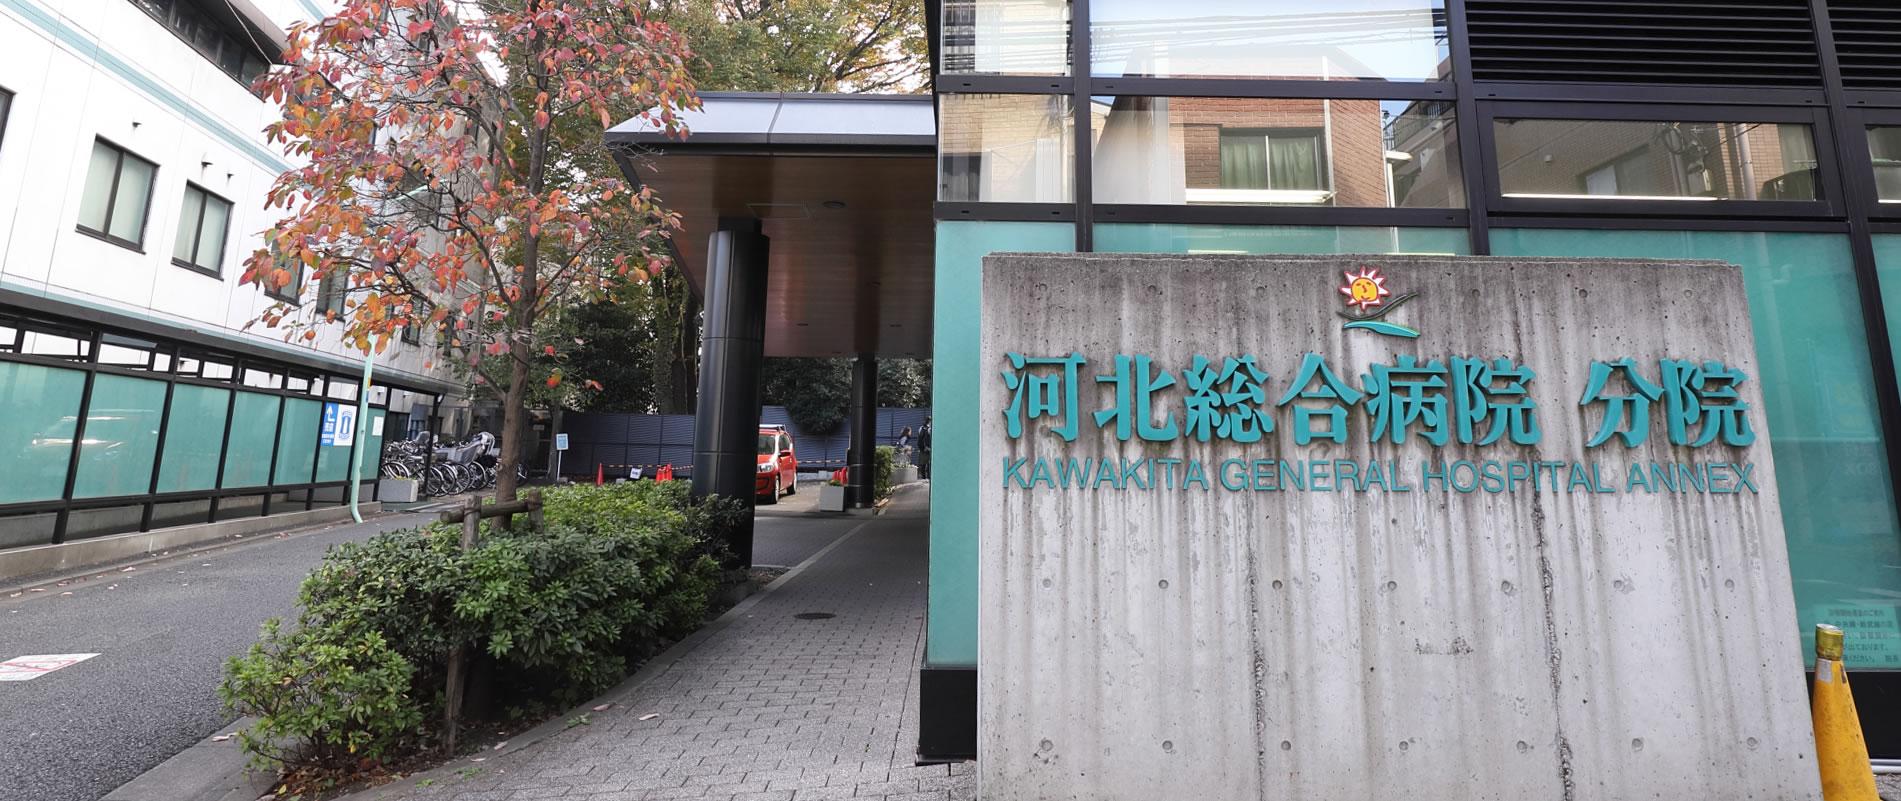 センター 東京 コロナ 医療 北